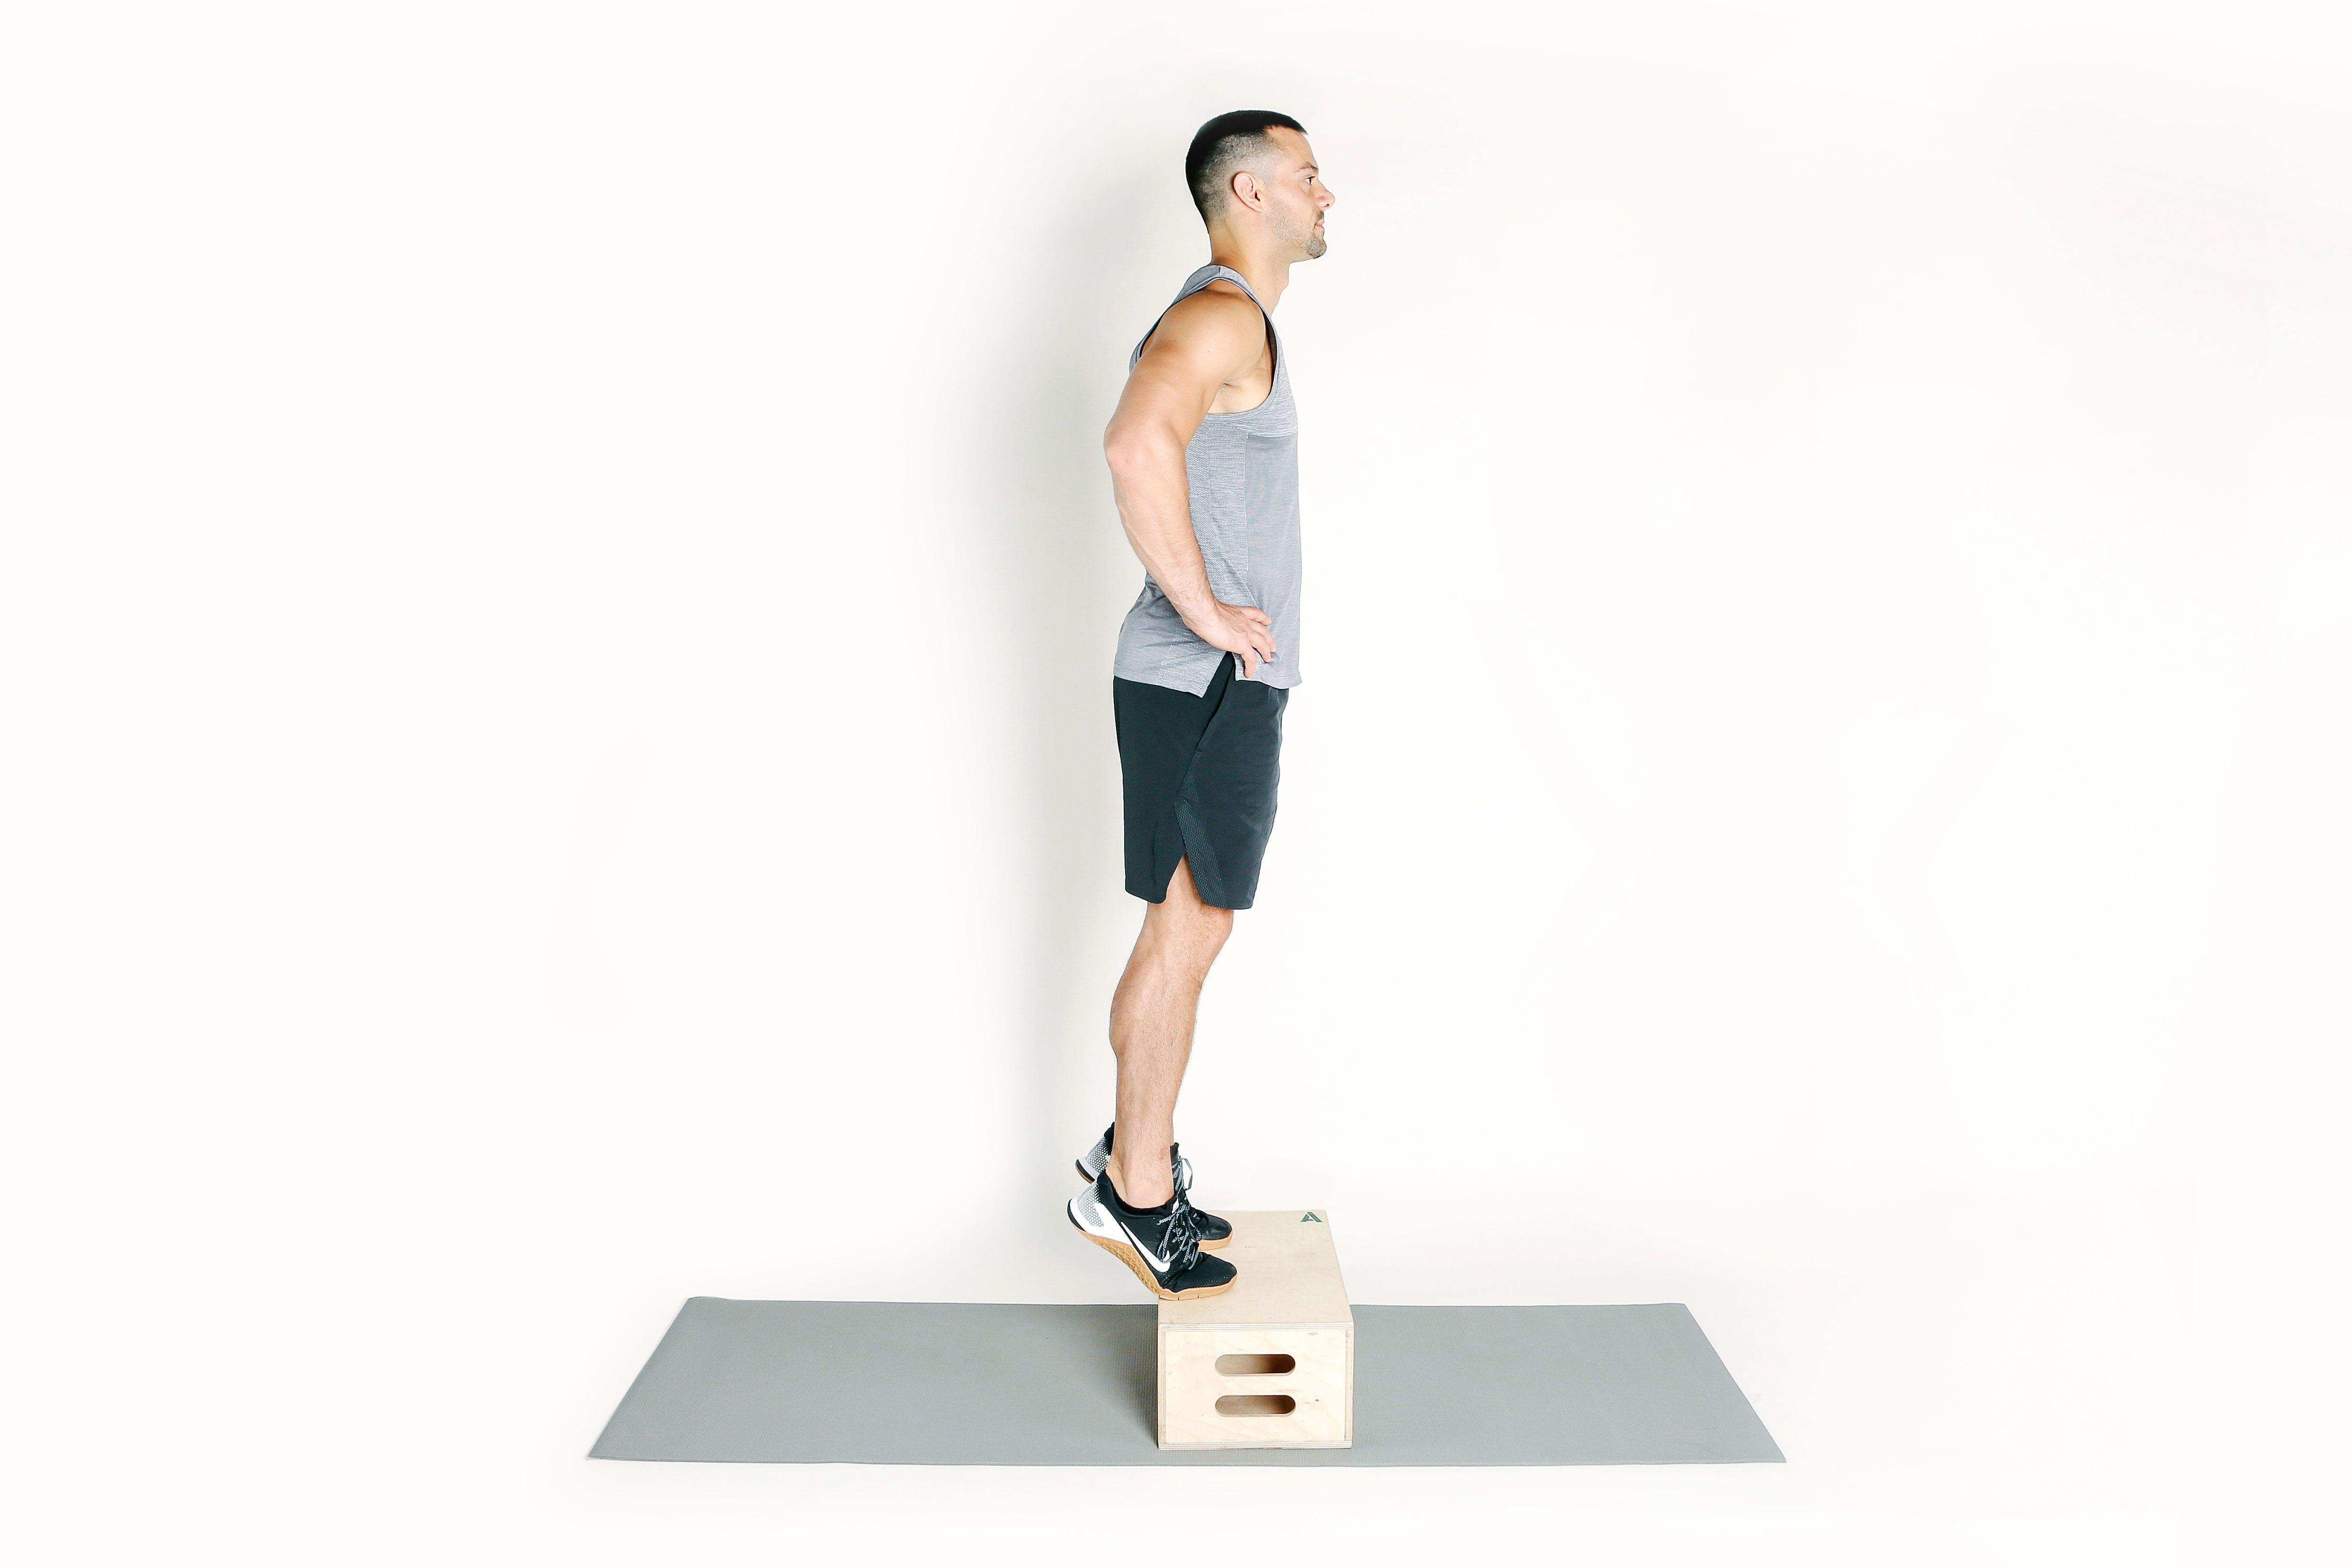 Best Leg Exercises Leg Strengthening Exercises For Runners